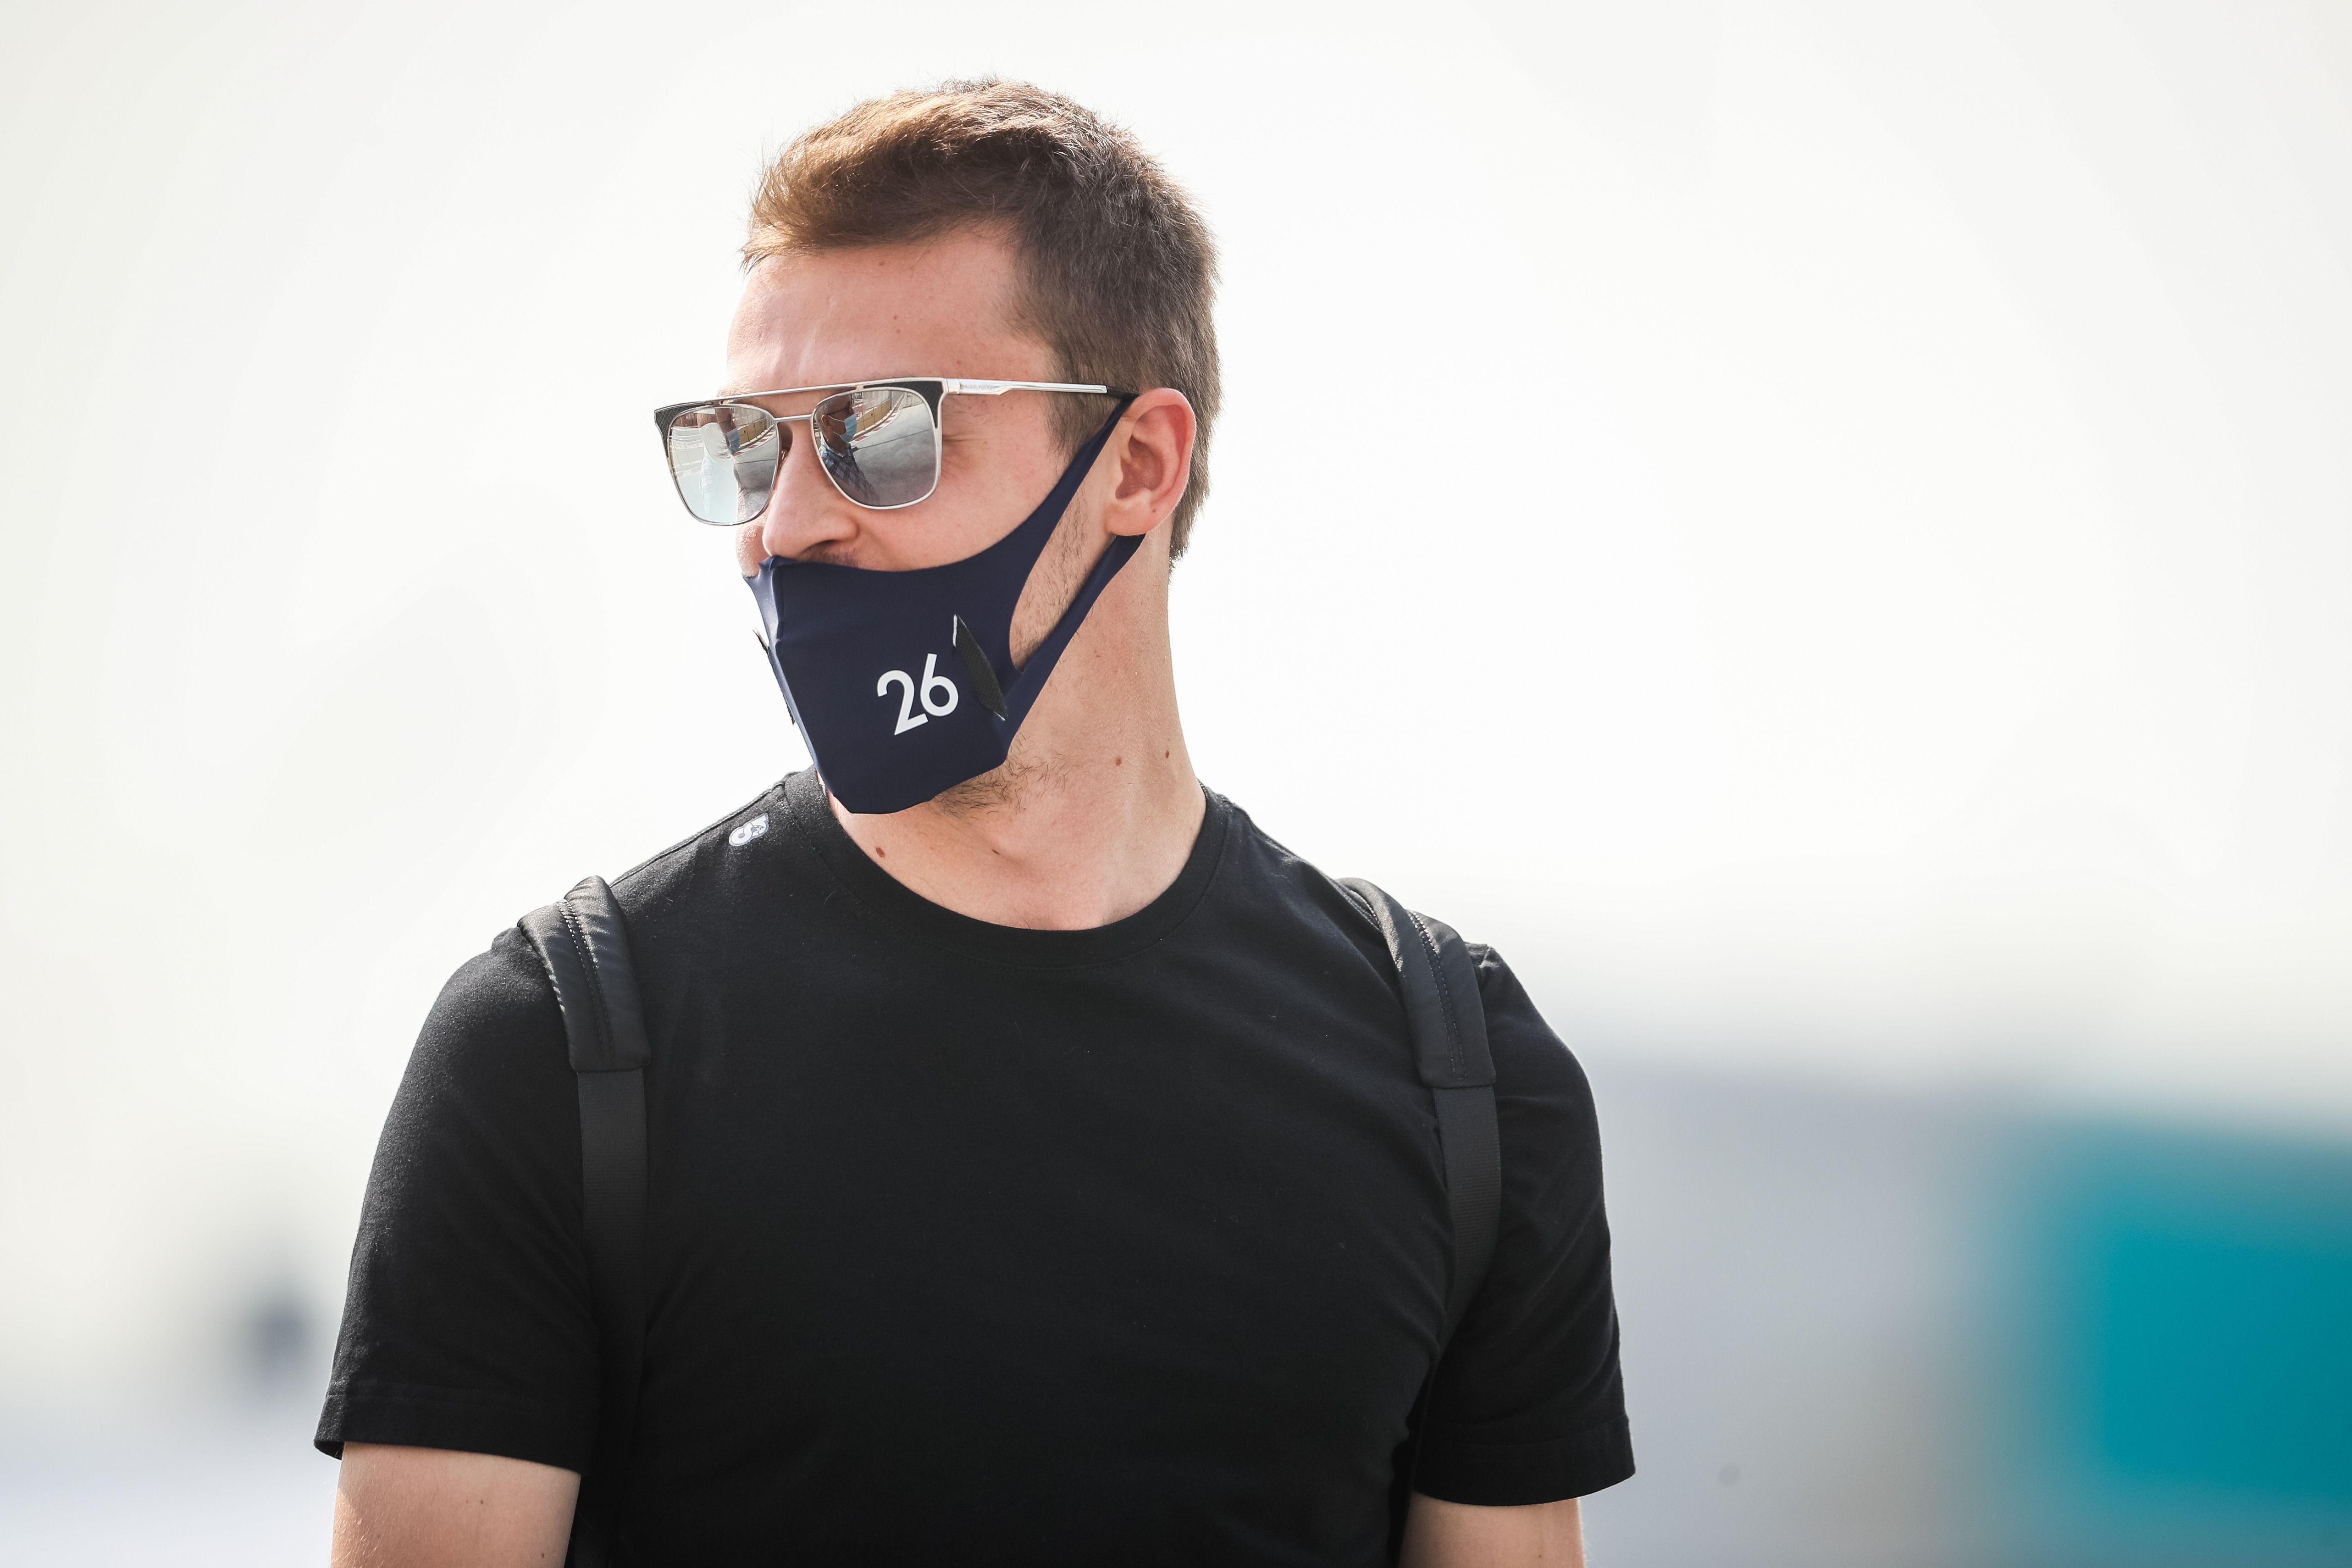 Западные фанаты 'Формулы-1' заступились за Квята: 'В 'Ред Булл' к Даниилу относились с явным презрение'